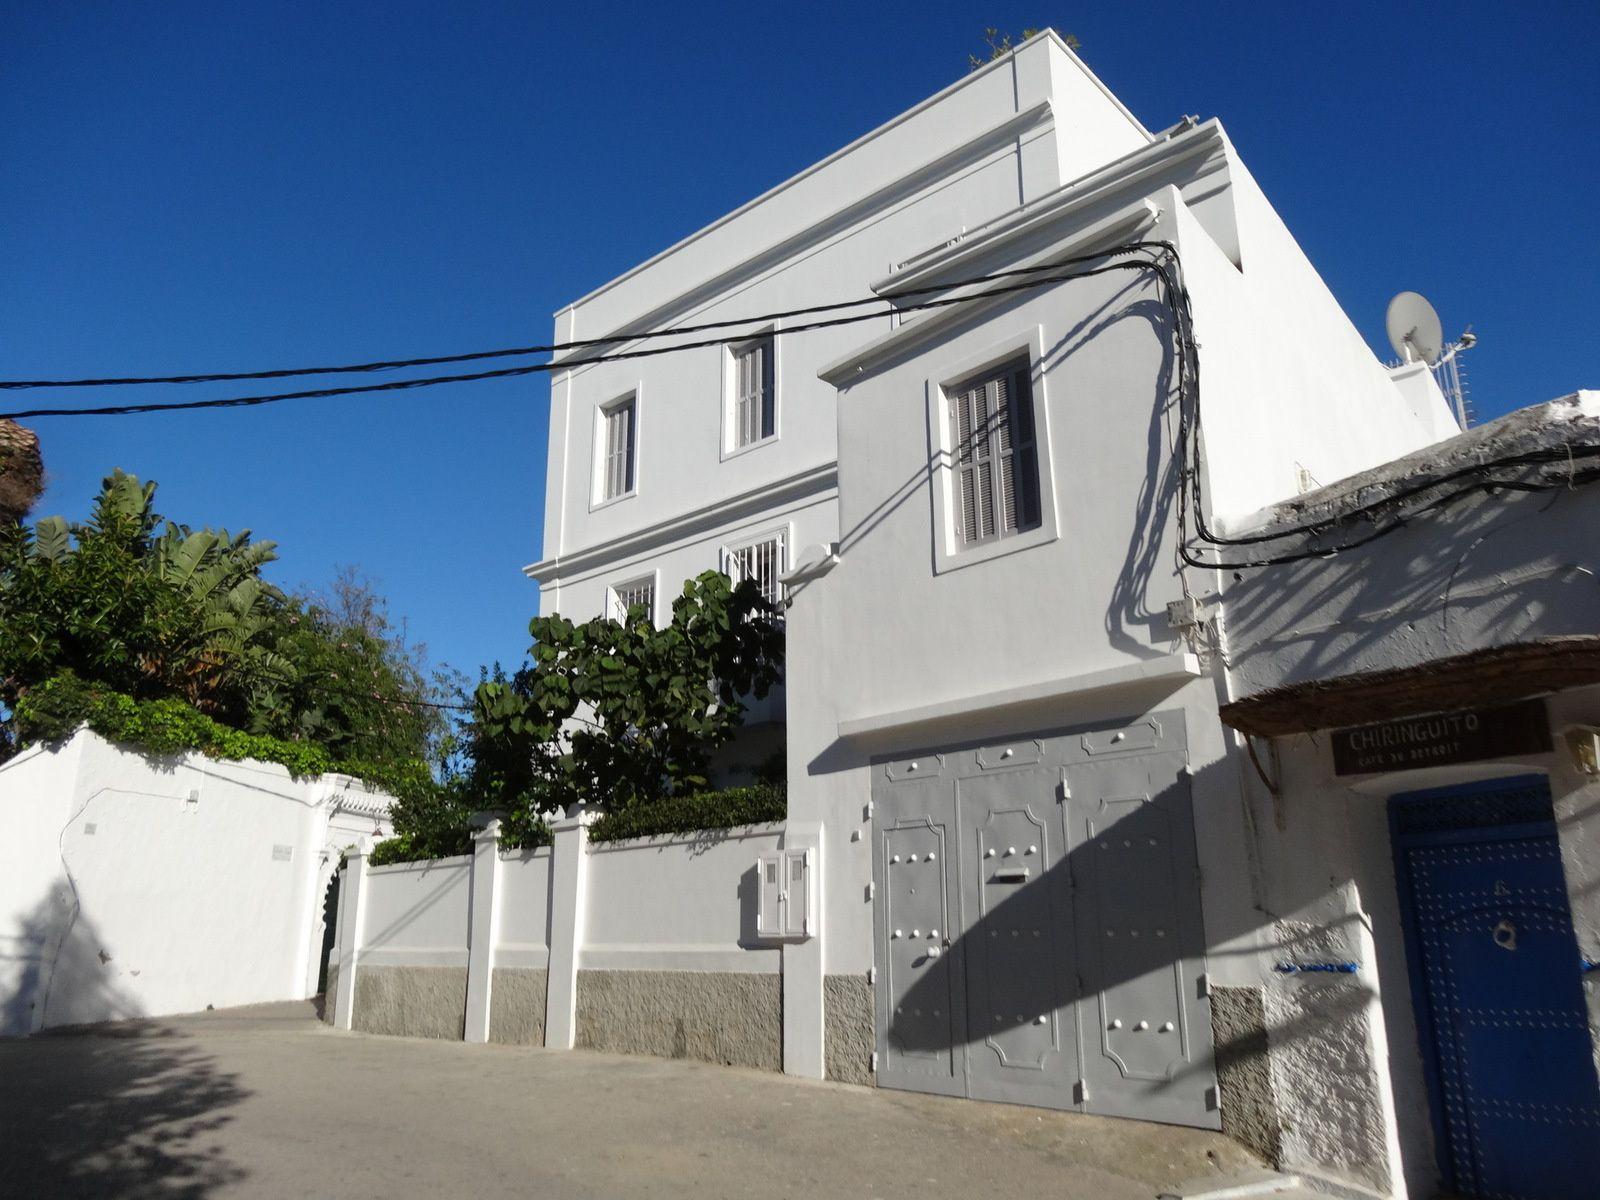 Villas de Tanger - la PERLA